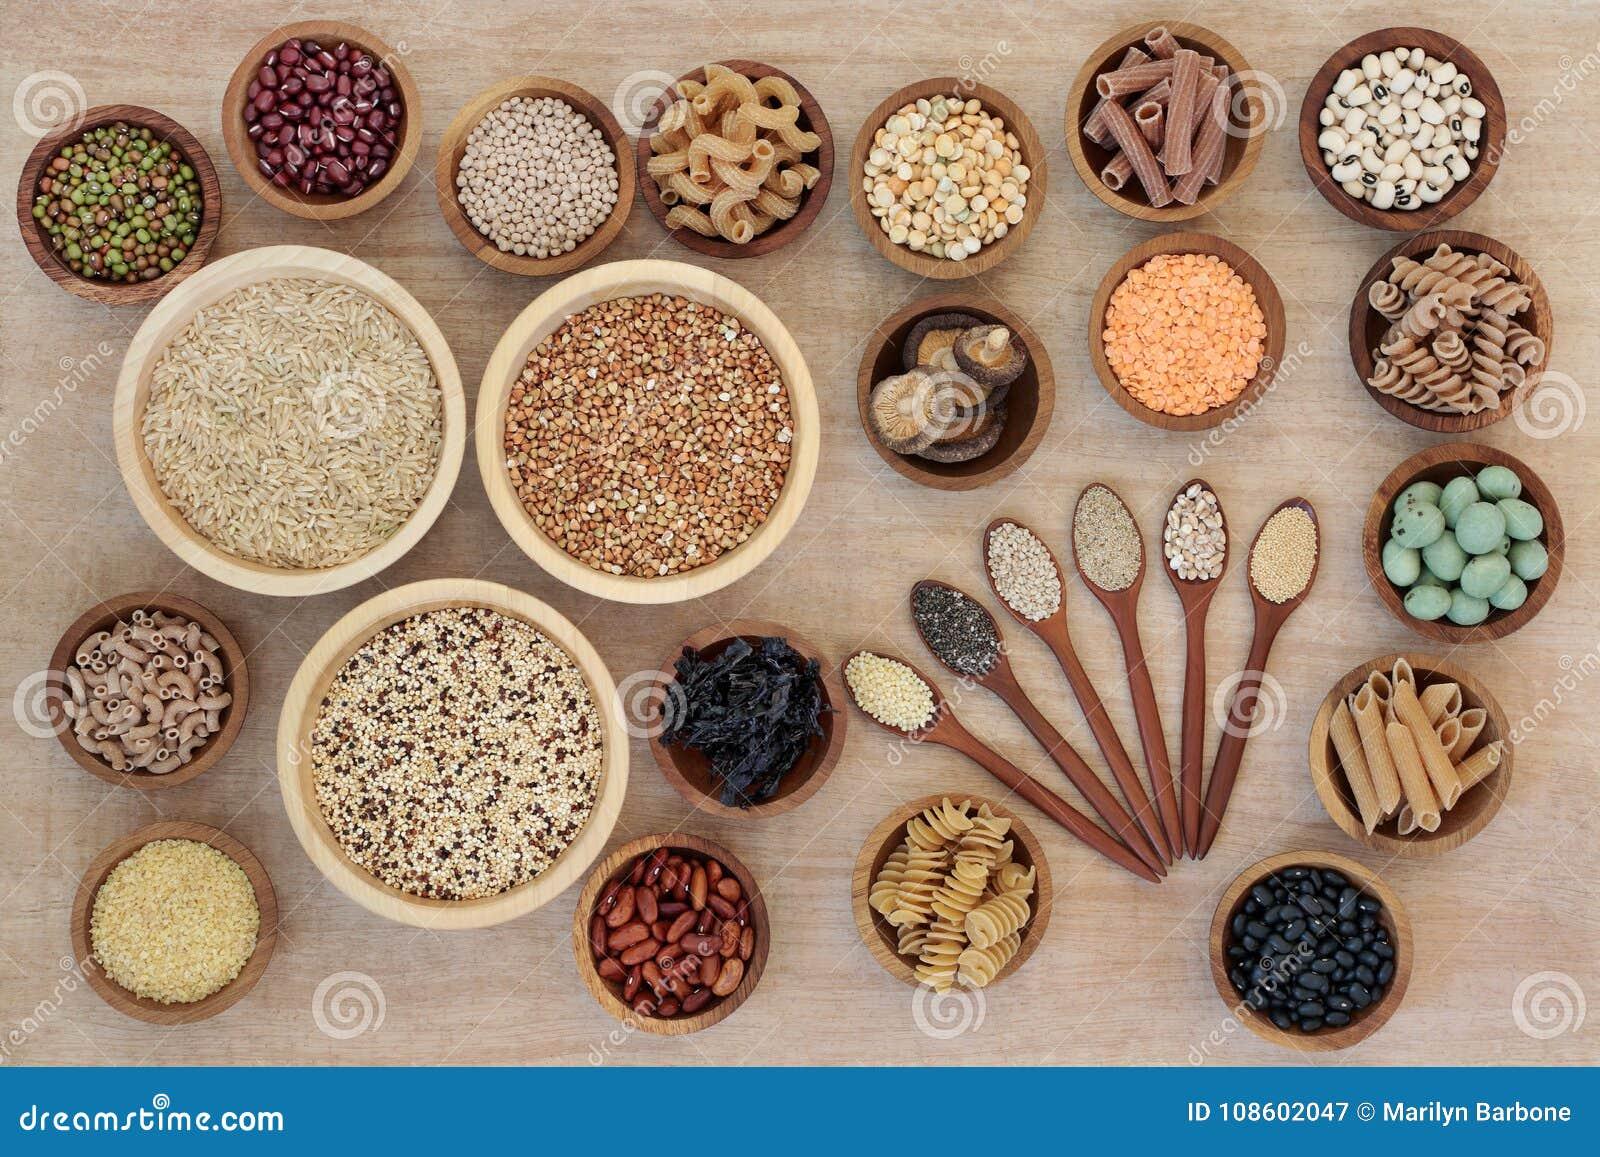 Macrobiotic Diet Health Food